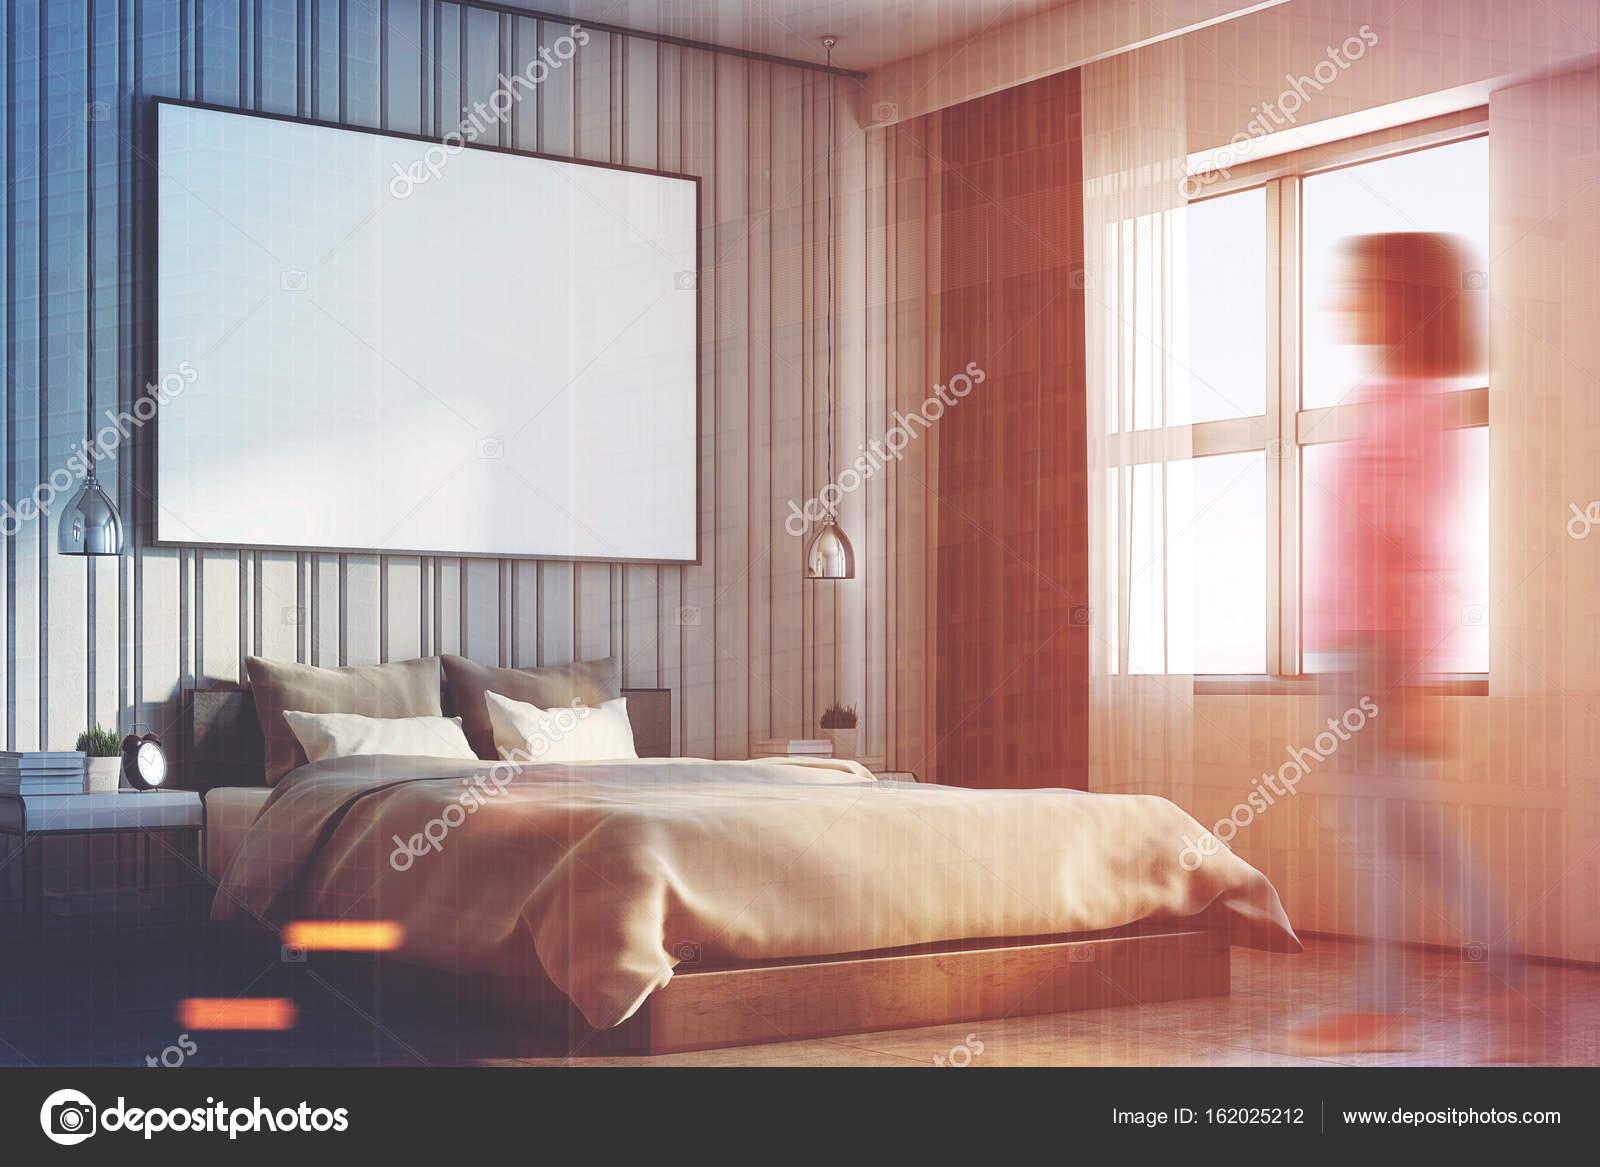 Chambre Beige Avec Une Grande Affiche, Jets Latéraux, Filleu2013 Images De  Stock Libres De Droits